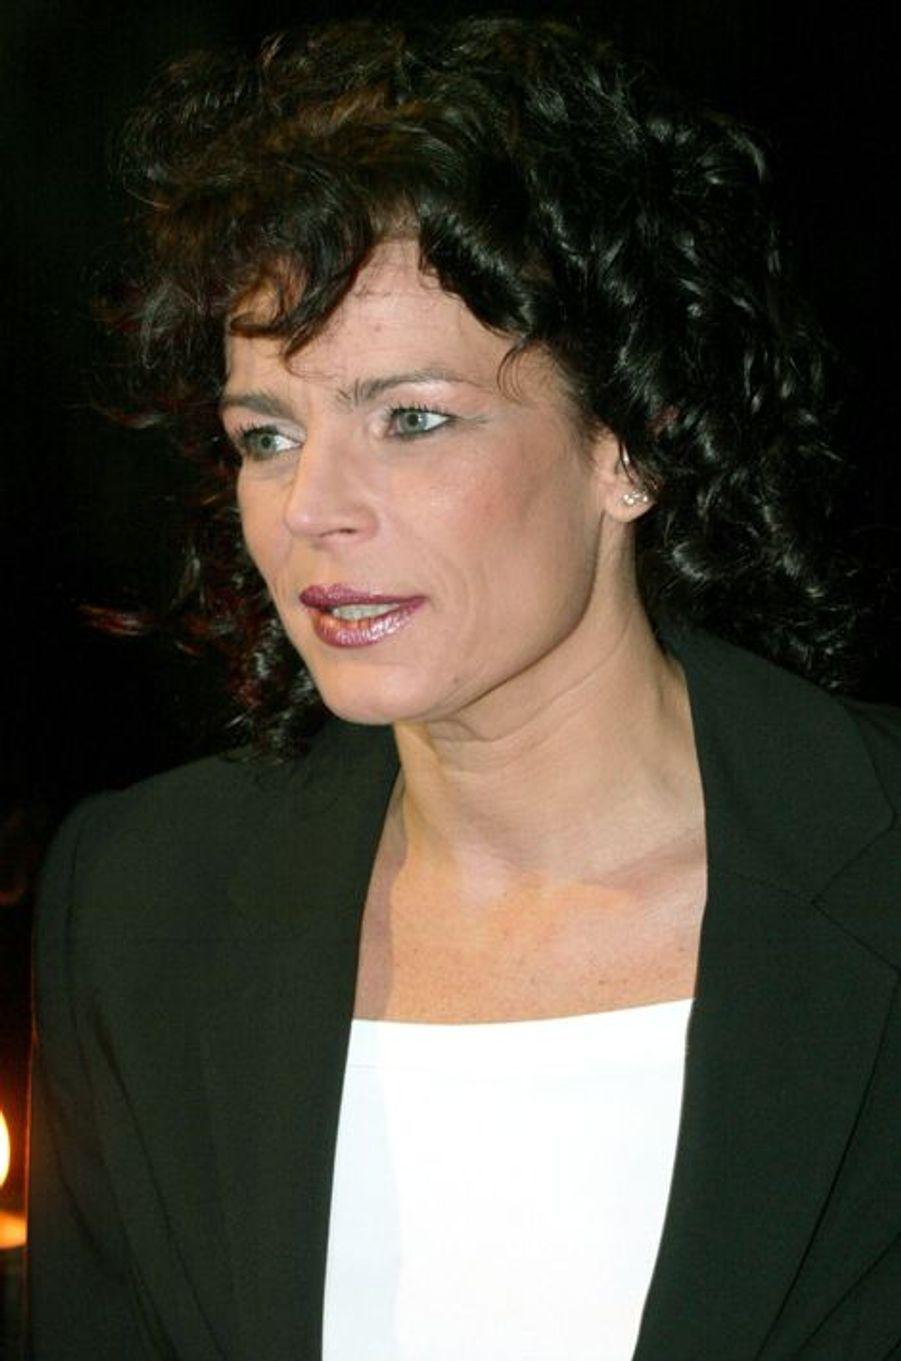 La princesse Stéphanie de Monaco le 24 octobre 2003